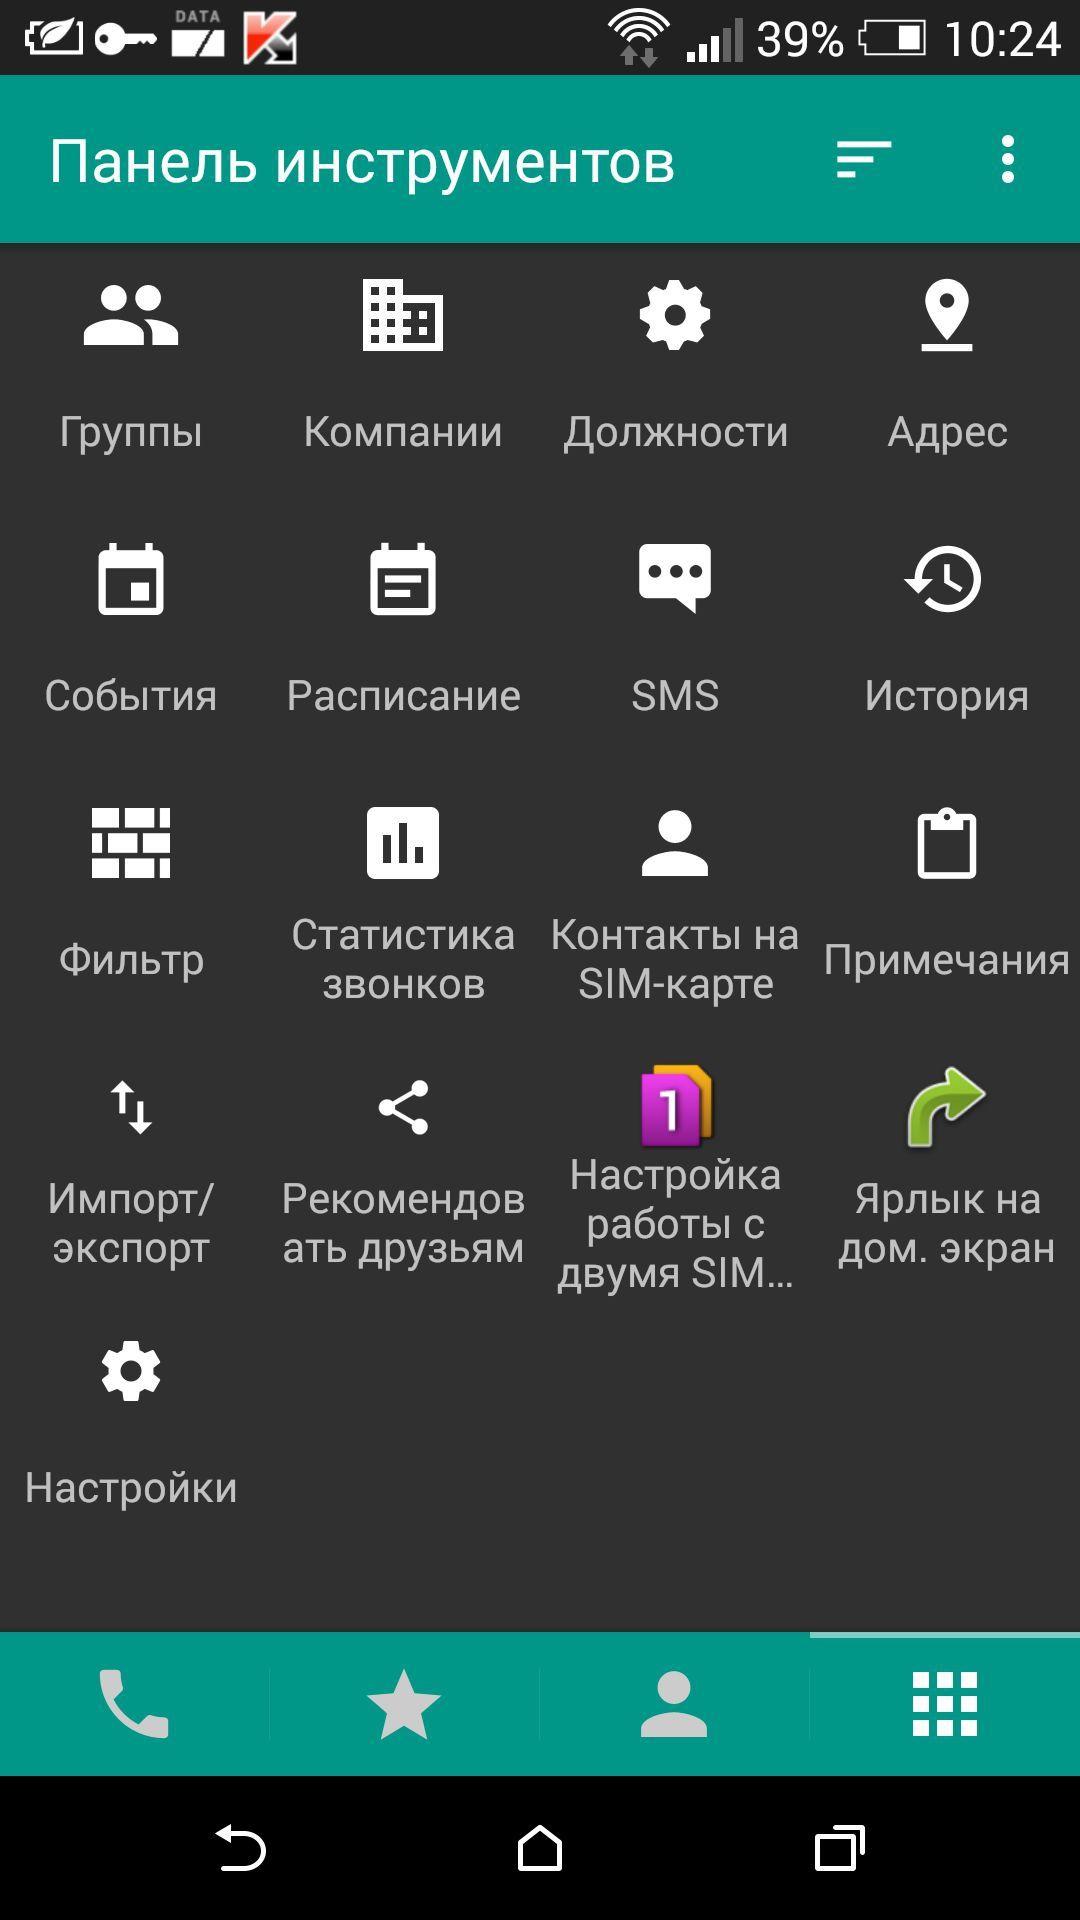 Скачать Программу Контакты На Андроид